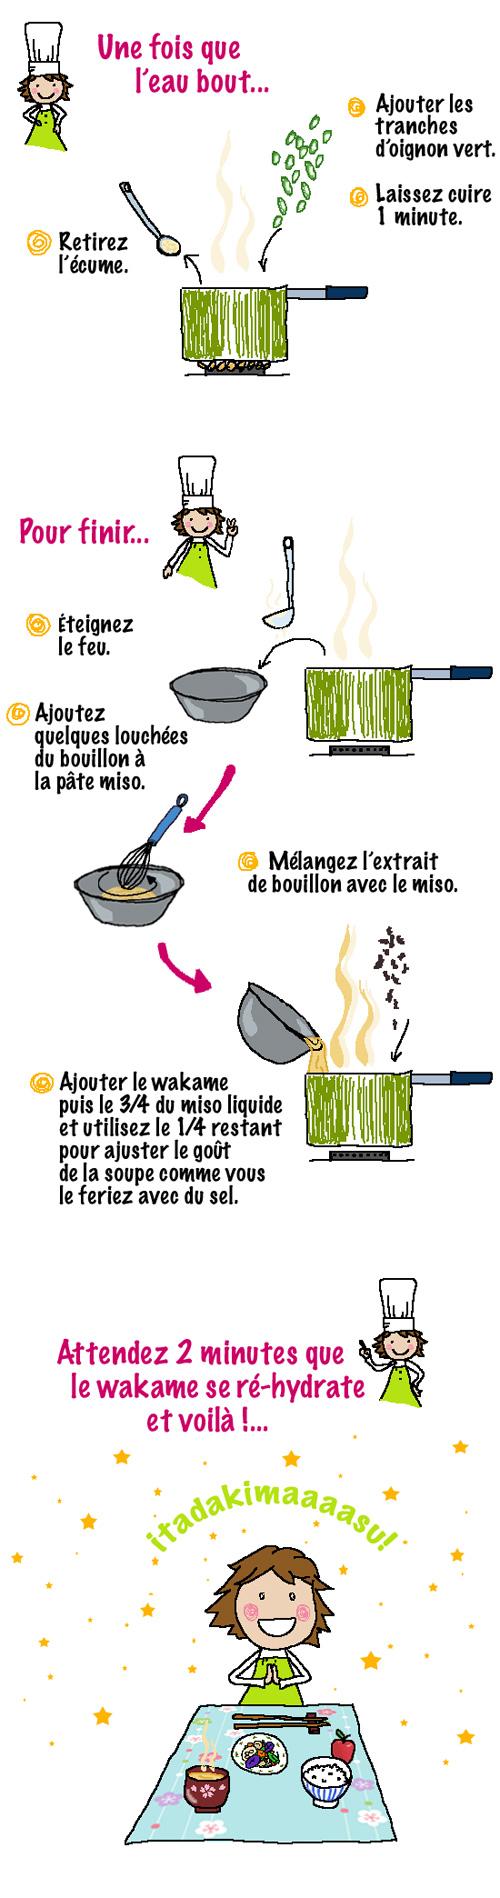 Versez l'eau et le dashi dans une casserole. Porter à ébullition sur feu moyen. Coupez l'oignon vert en fines tranches, mettez la pâte miso de côté dans un bol. Une fois que l'eau bout, ajoutez les tranches d'oignon vert, laissez cuire 1 min. Itadakimasu !